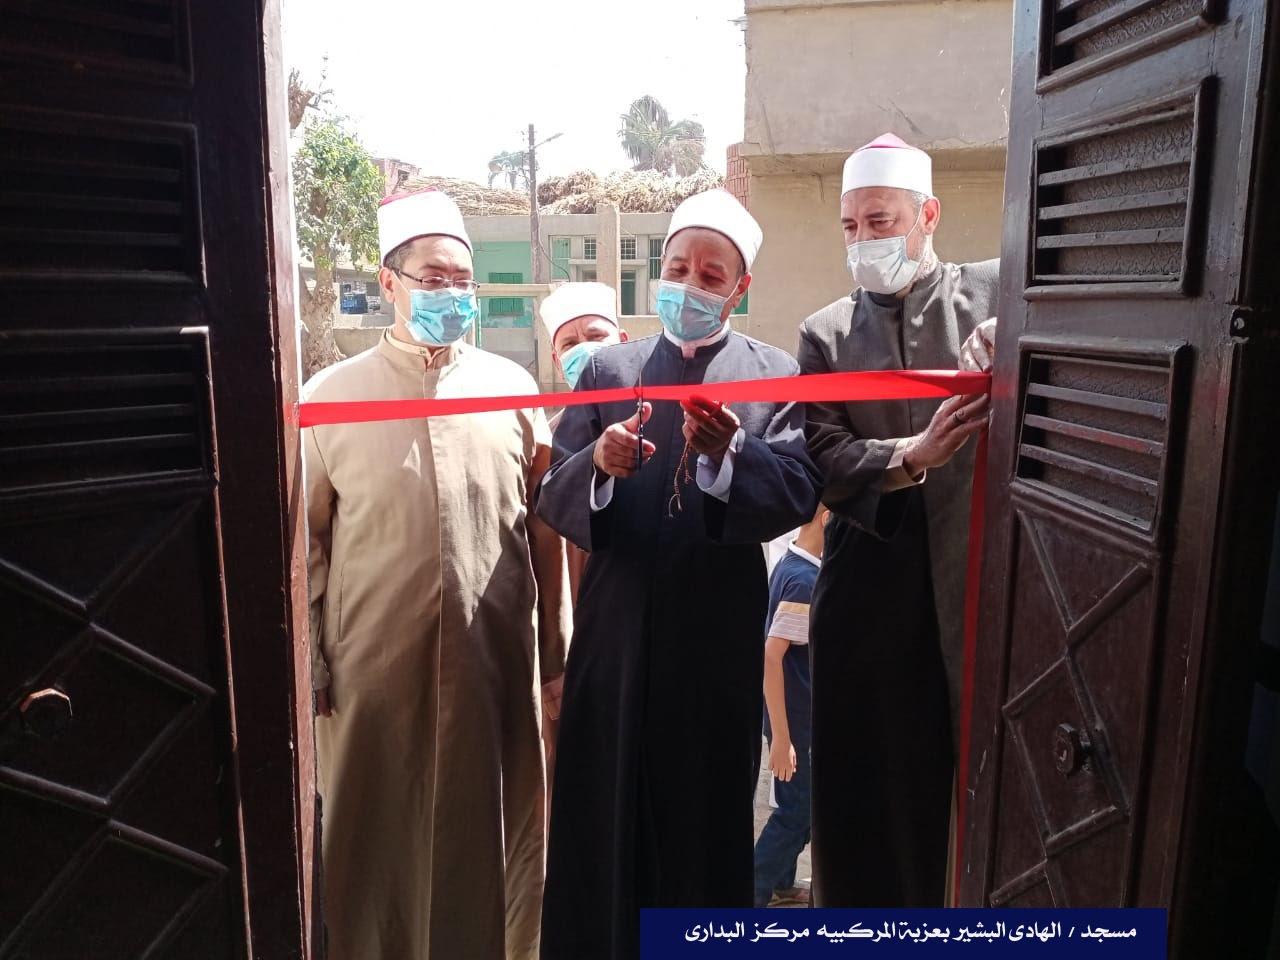 افتتاح 9 مساجد جديدة فى محافظة أسيوط (2)